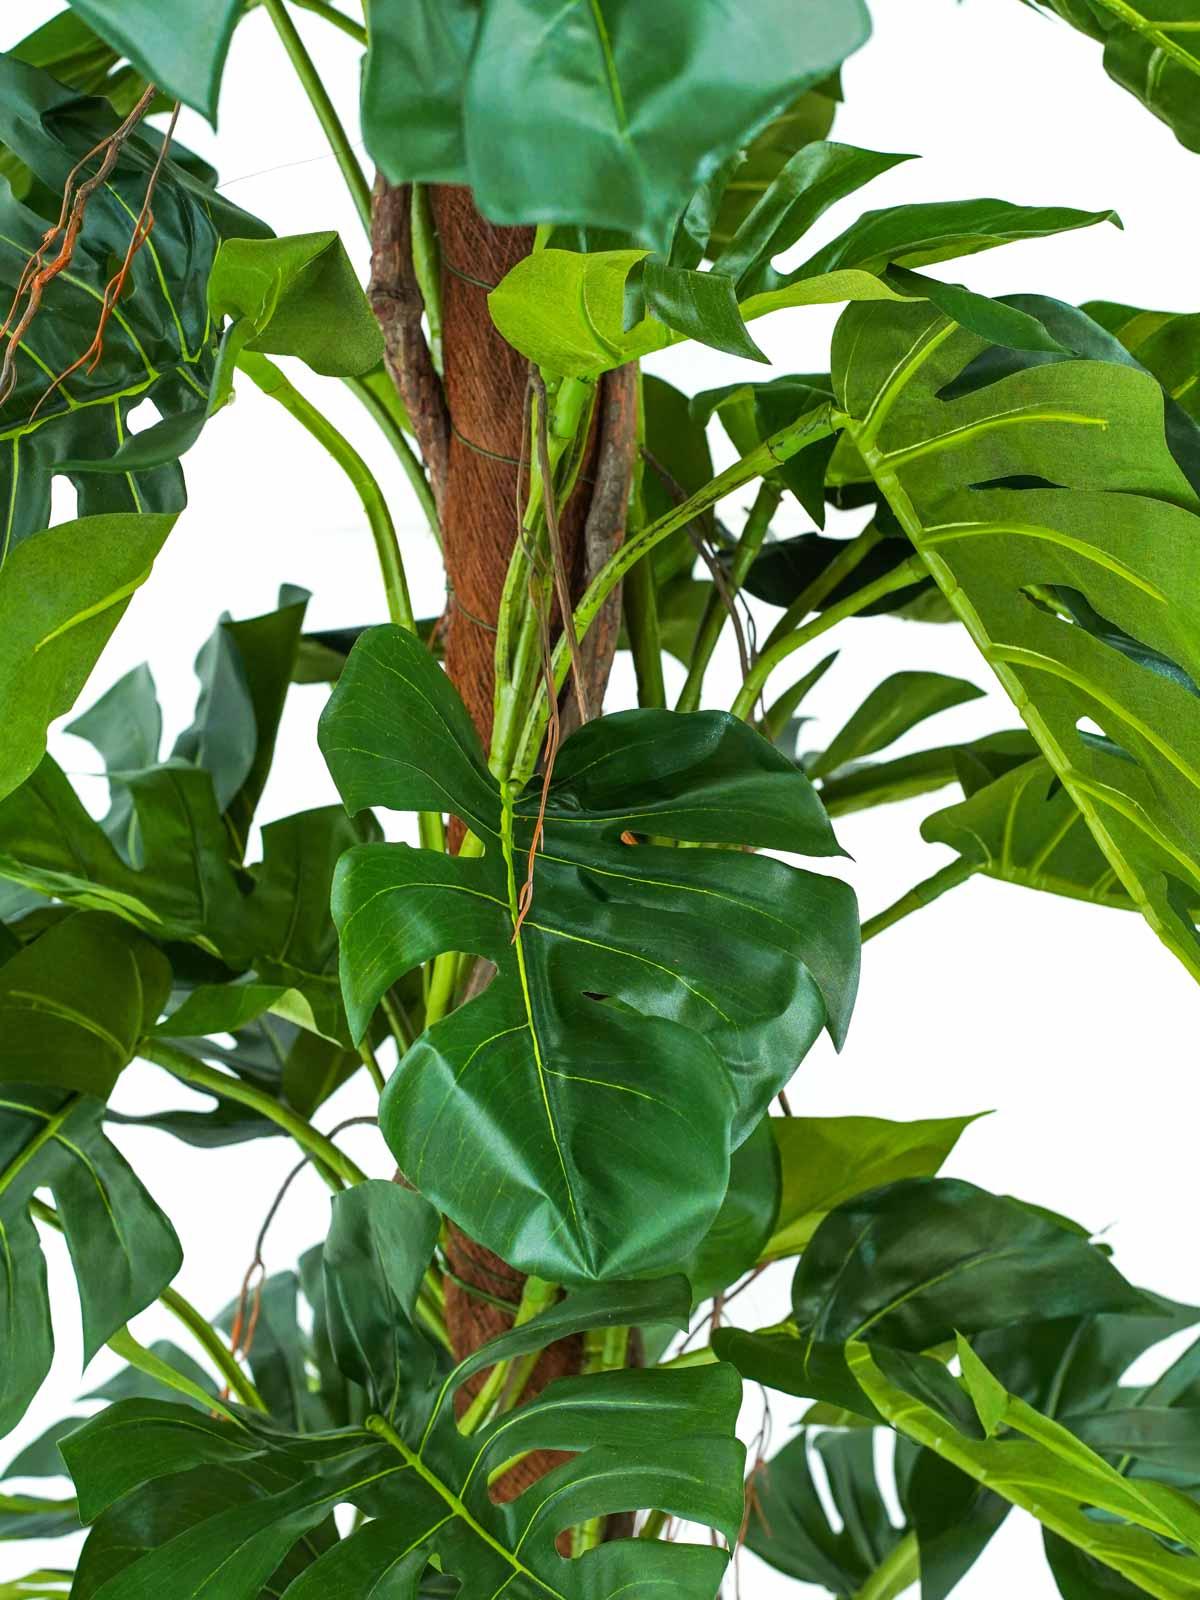 شجرة اسبليت فيلو اون بولو - صغير نباتات اصطناعية أشجار